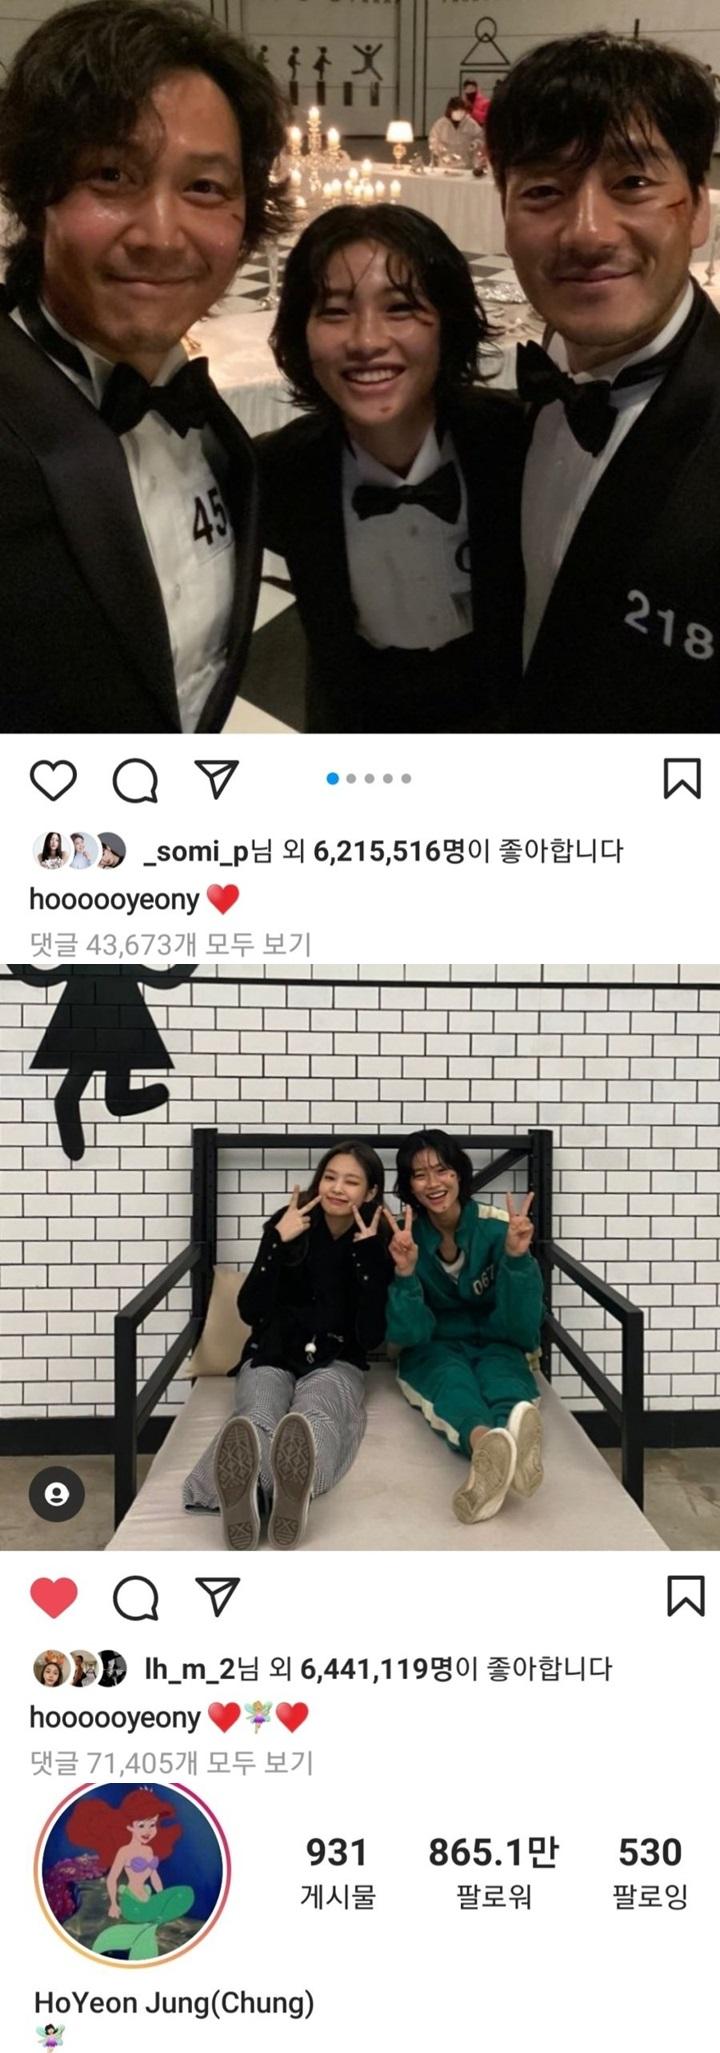 오징어게임에 출연한 여자배우들 정호연2